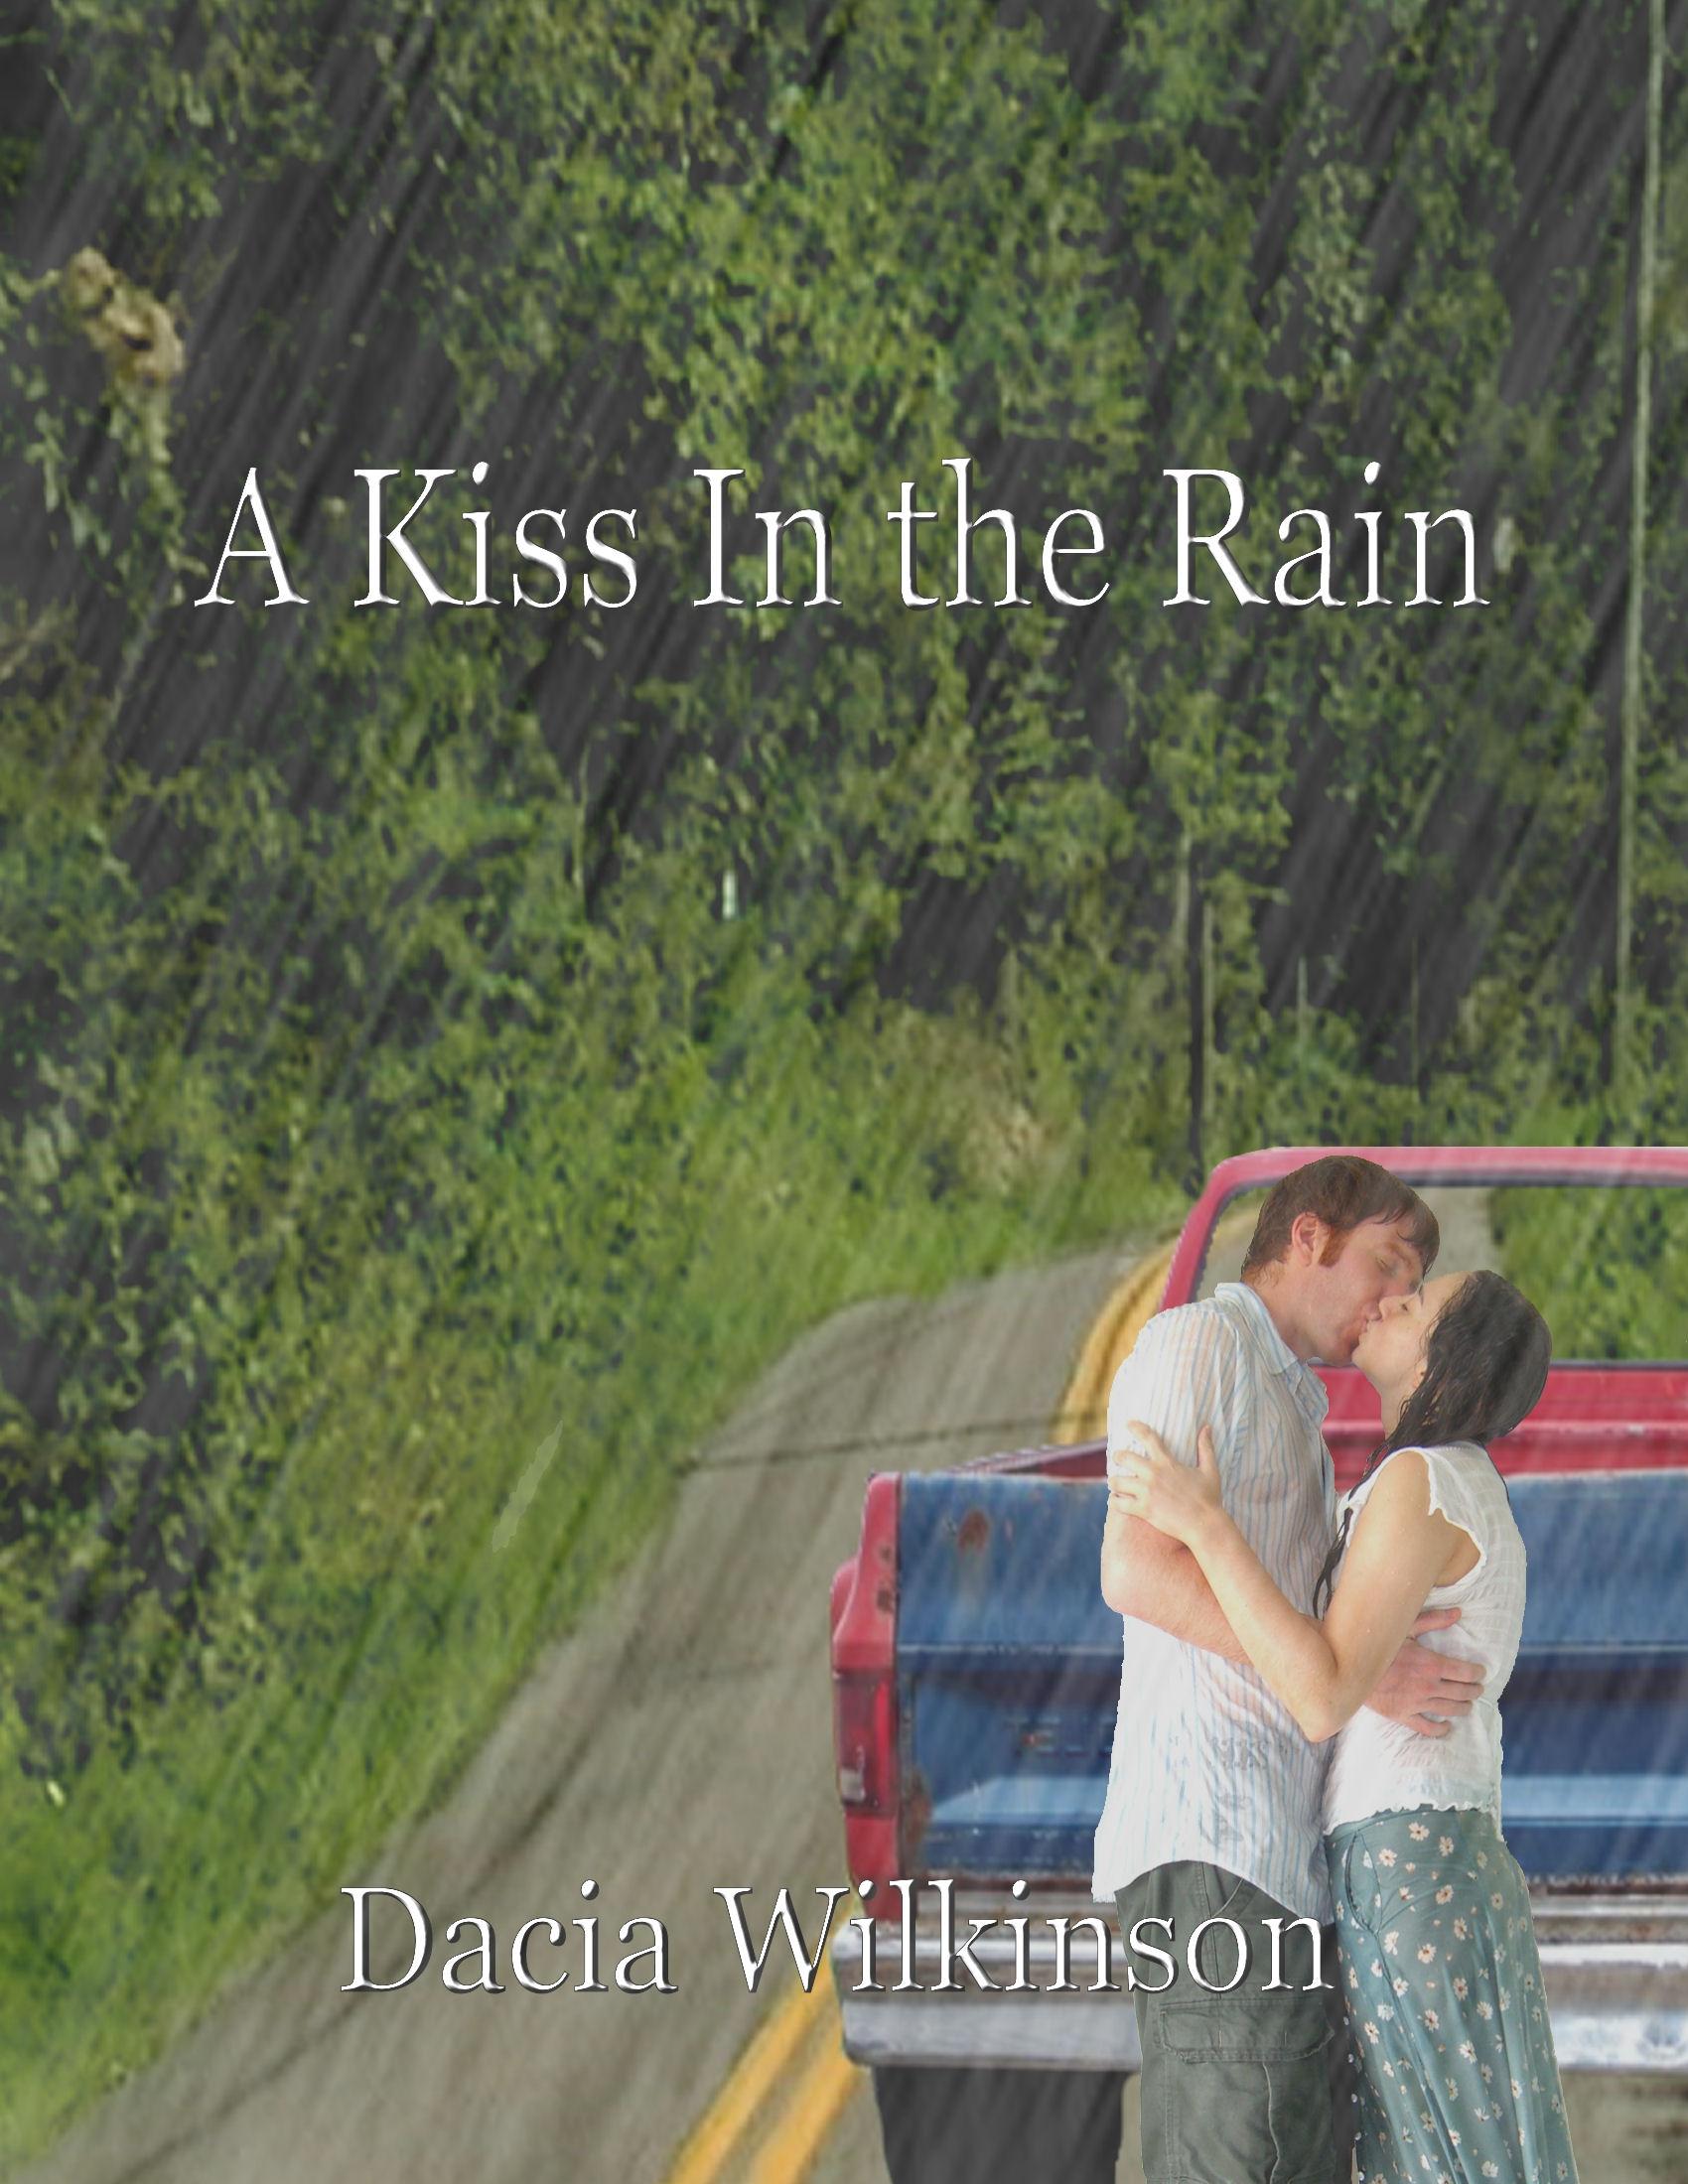 Sneak Peek: A Kiss in the Rain by Dacia Wilkinson